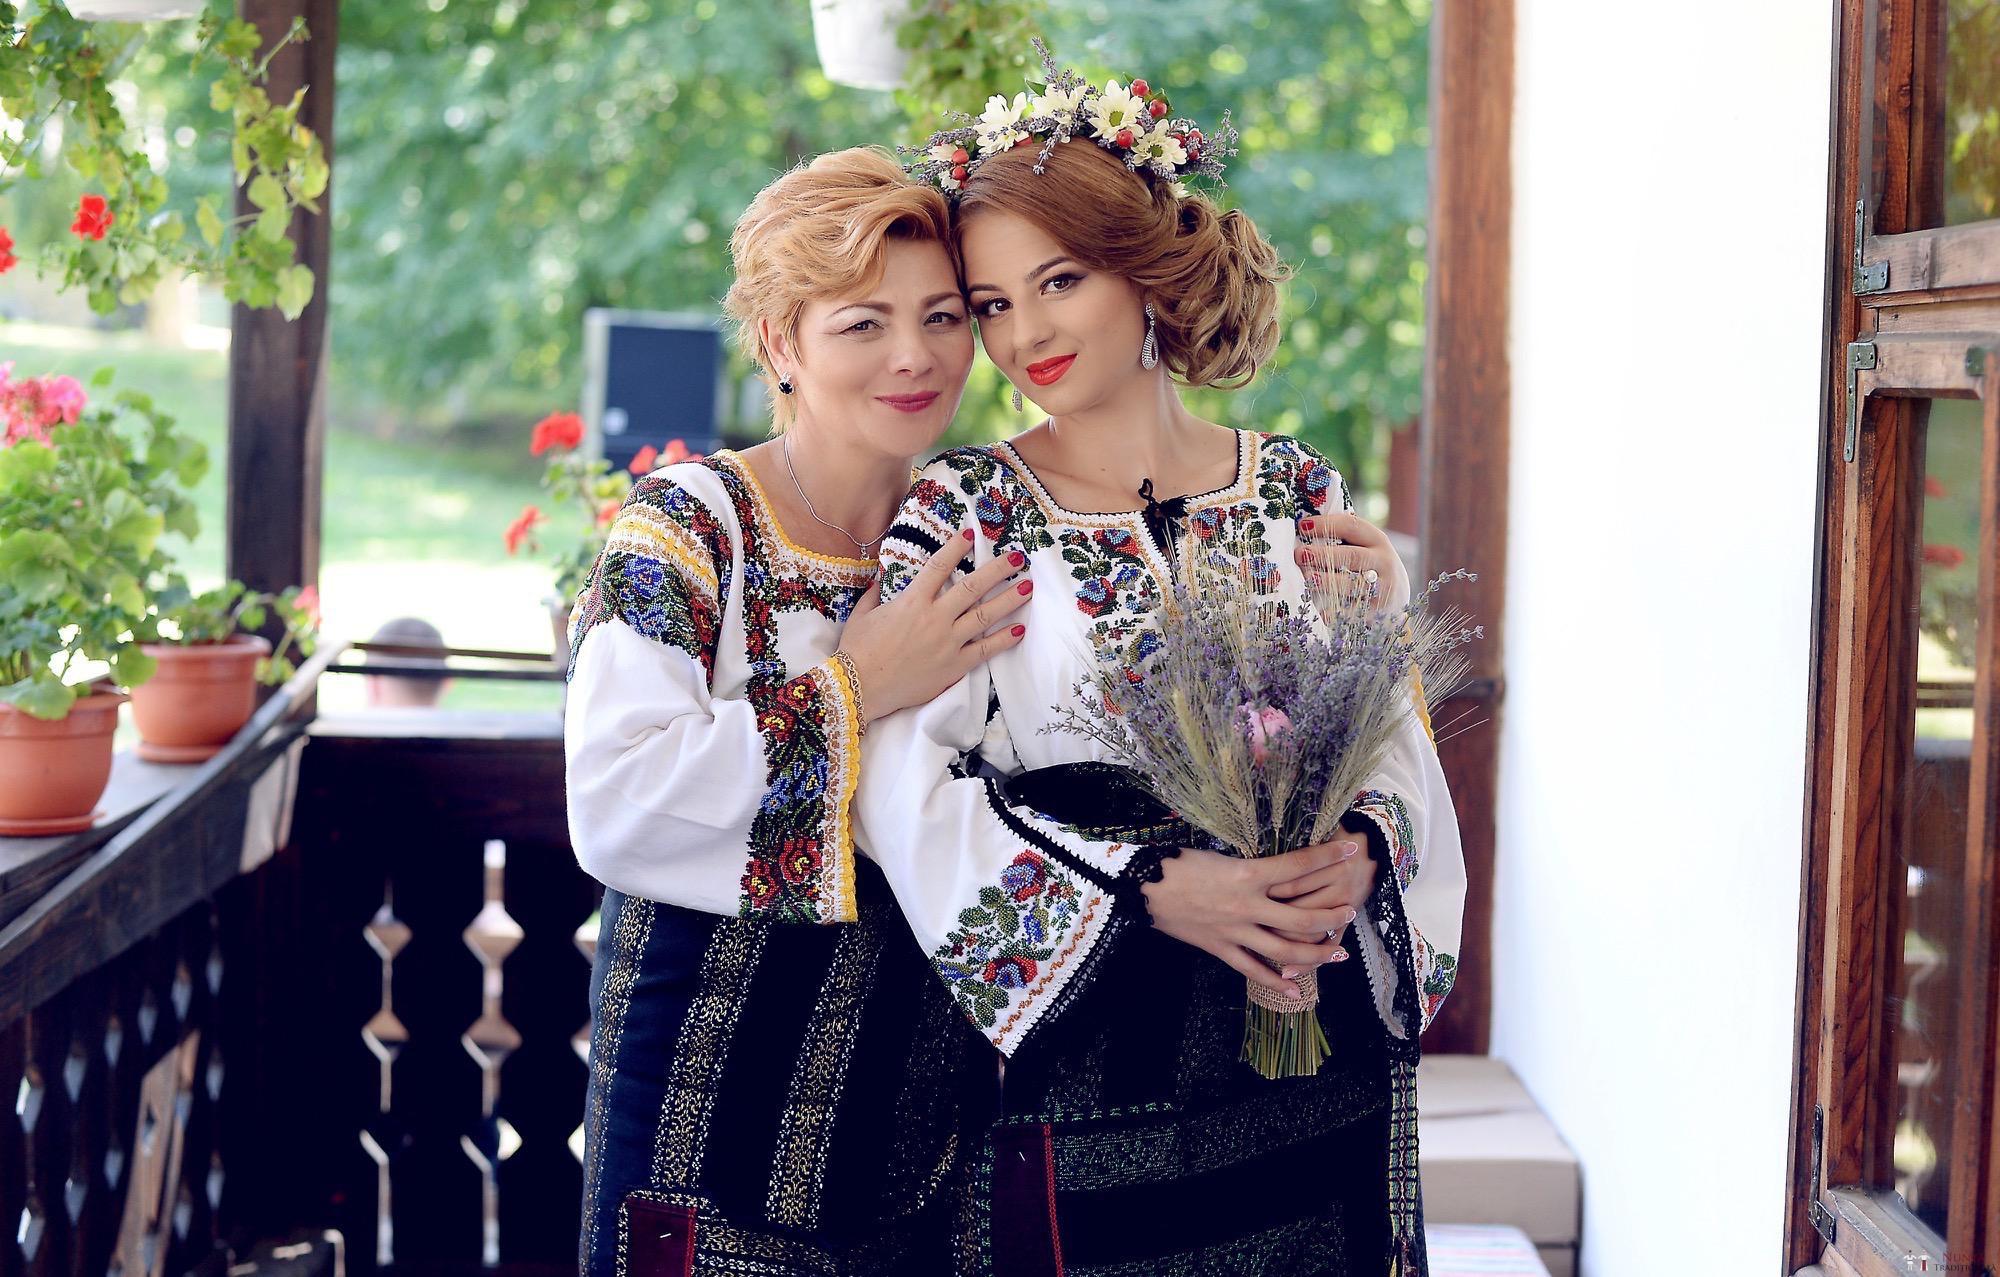 Povești Nunți Tradiționale - Iulia și Andrei. Nuntă tradițională în Bucovina. 20